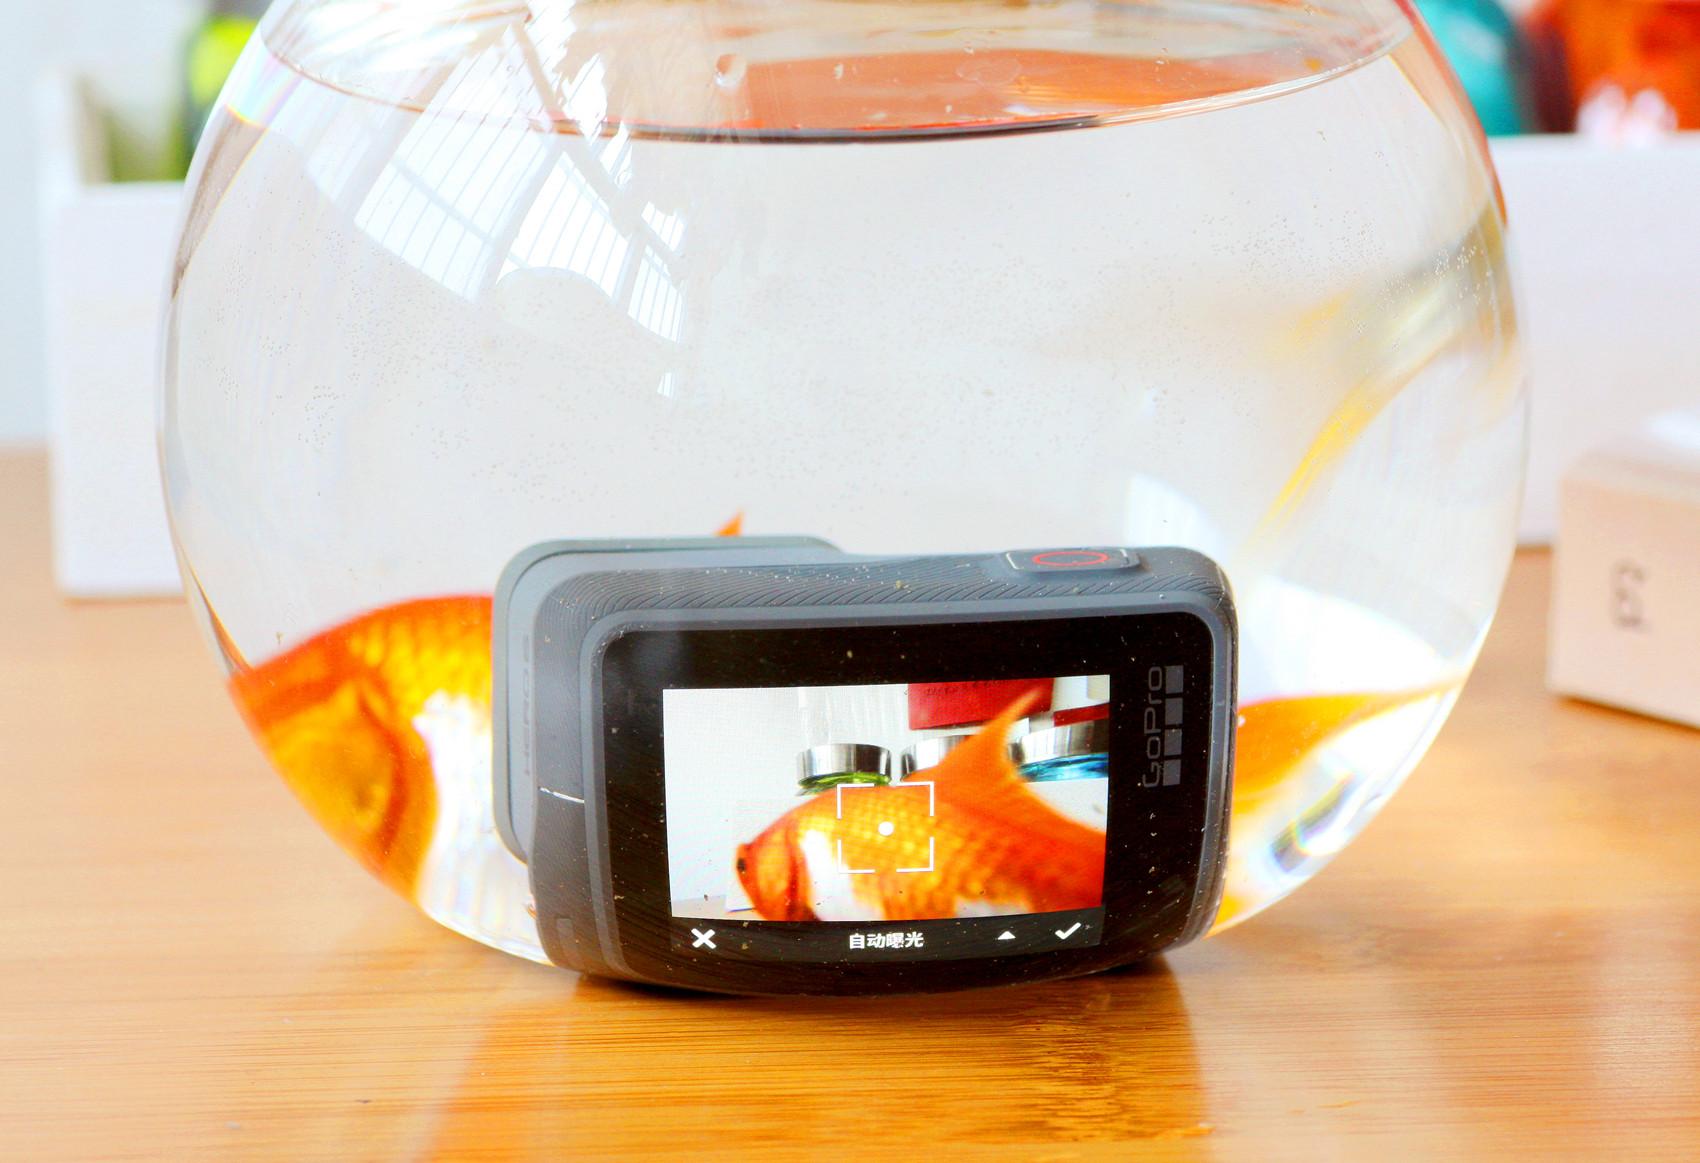 了解gopro hero5和6哪个好?GoPro HERO 6 BLACK数码运动相机怎么样评测分享!